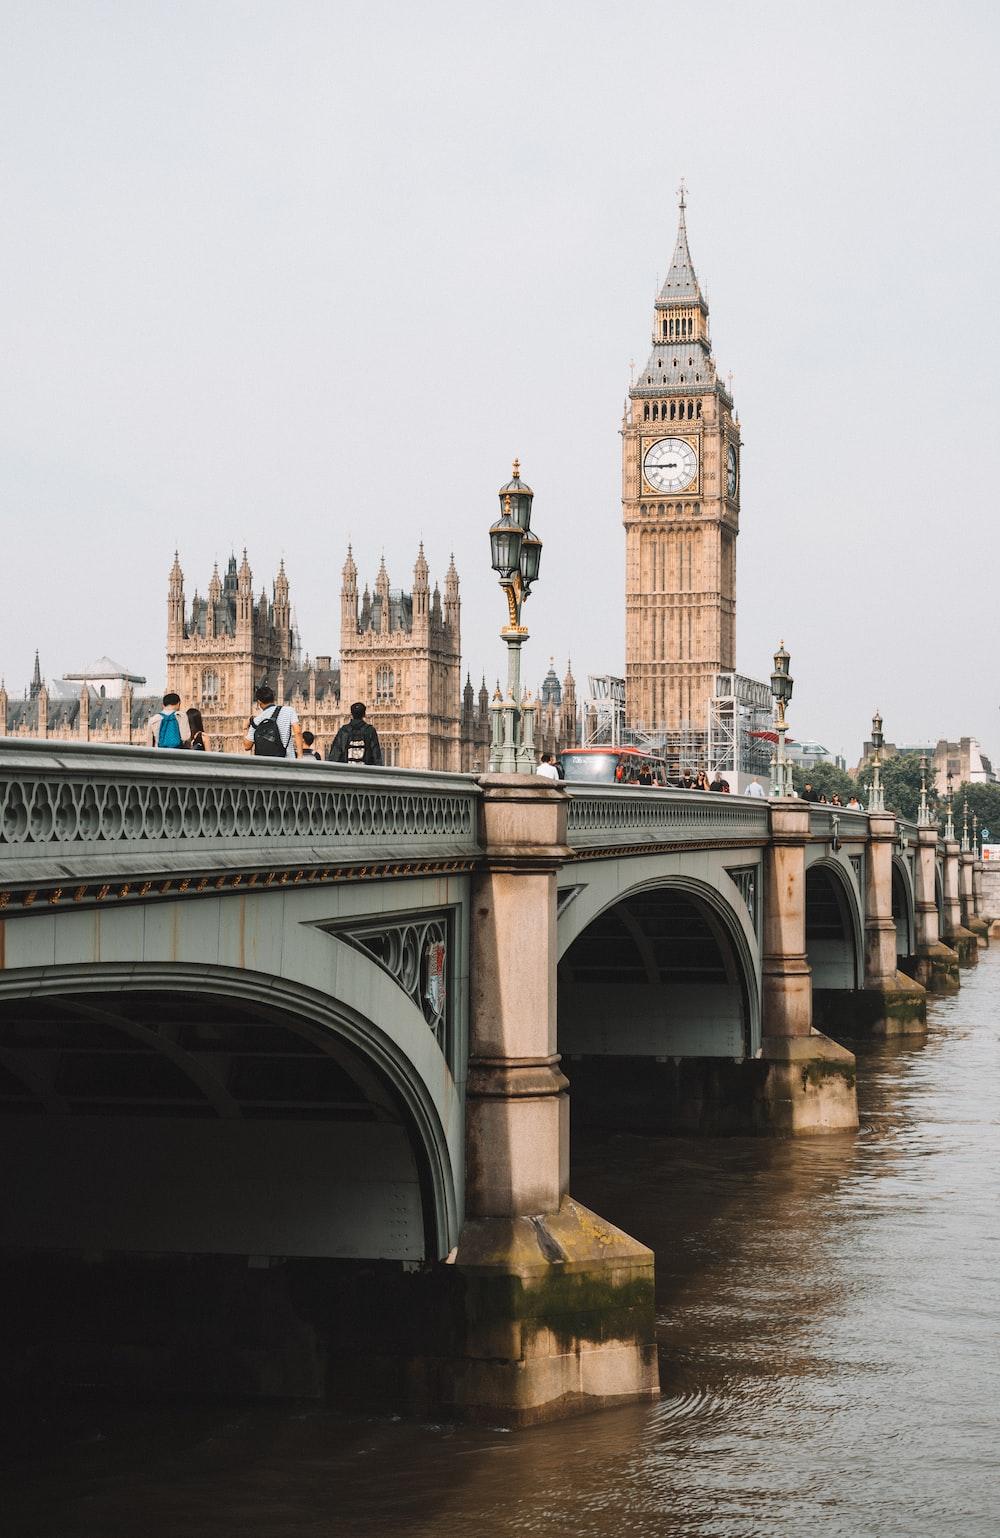 people on bridge near Queen Elizabeth tower under gray skies